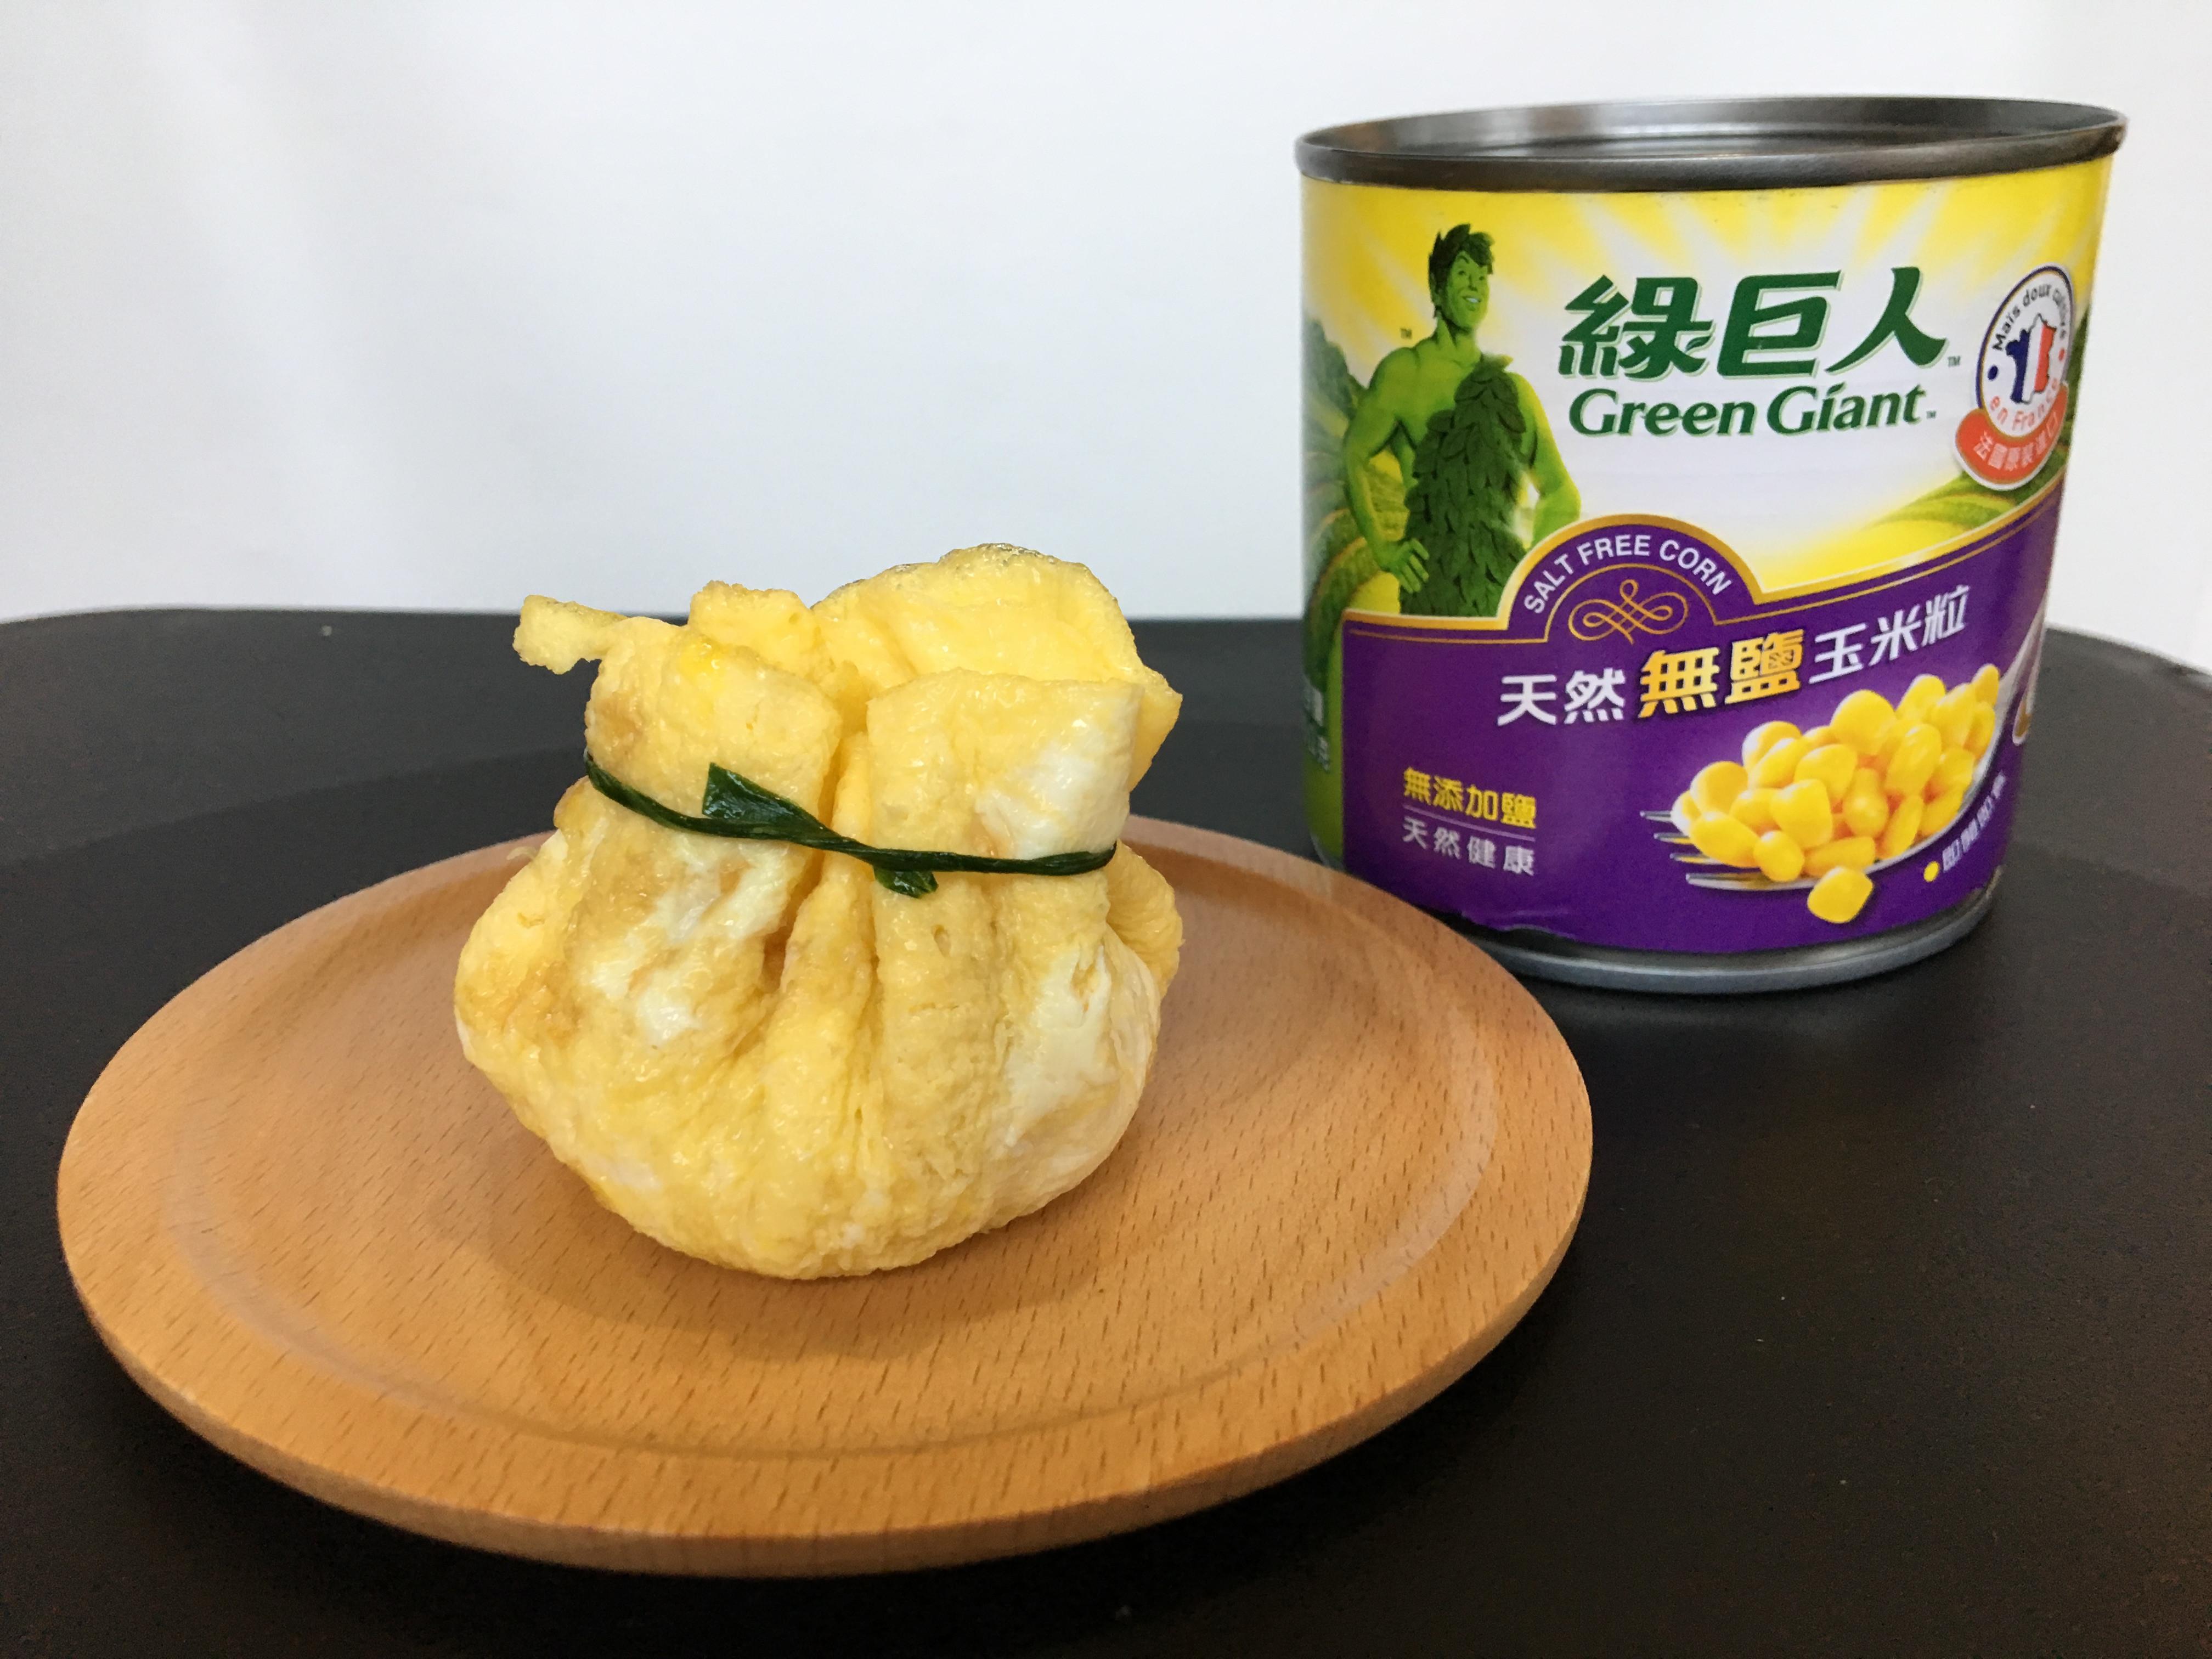 起司玉米黃金福袋